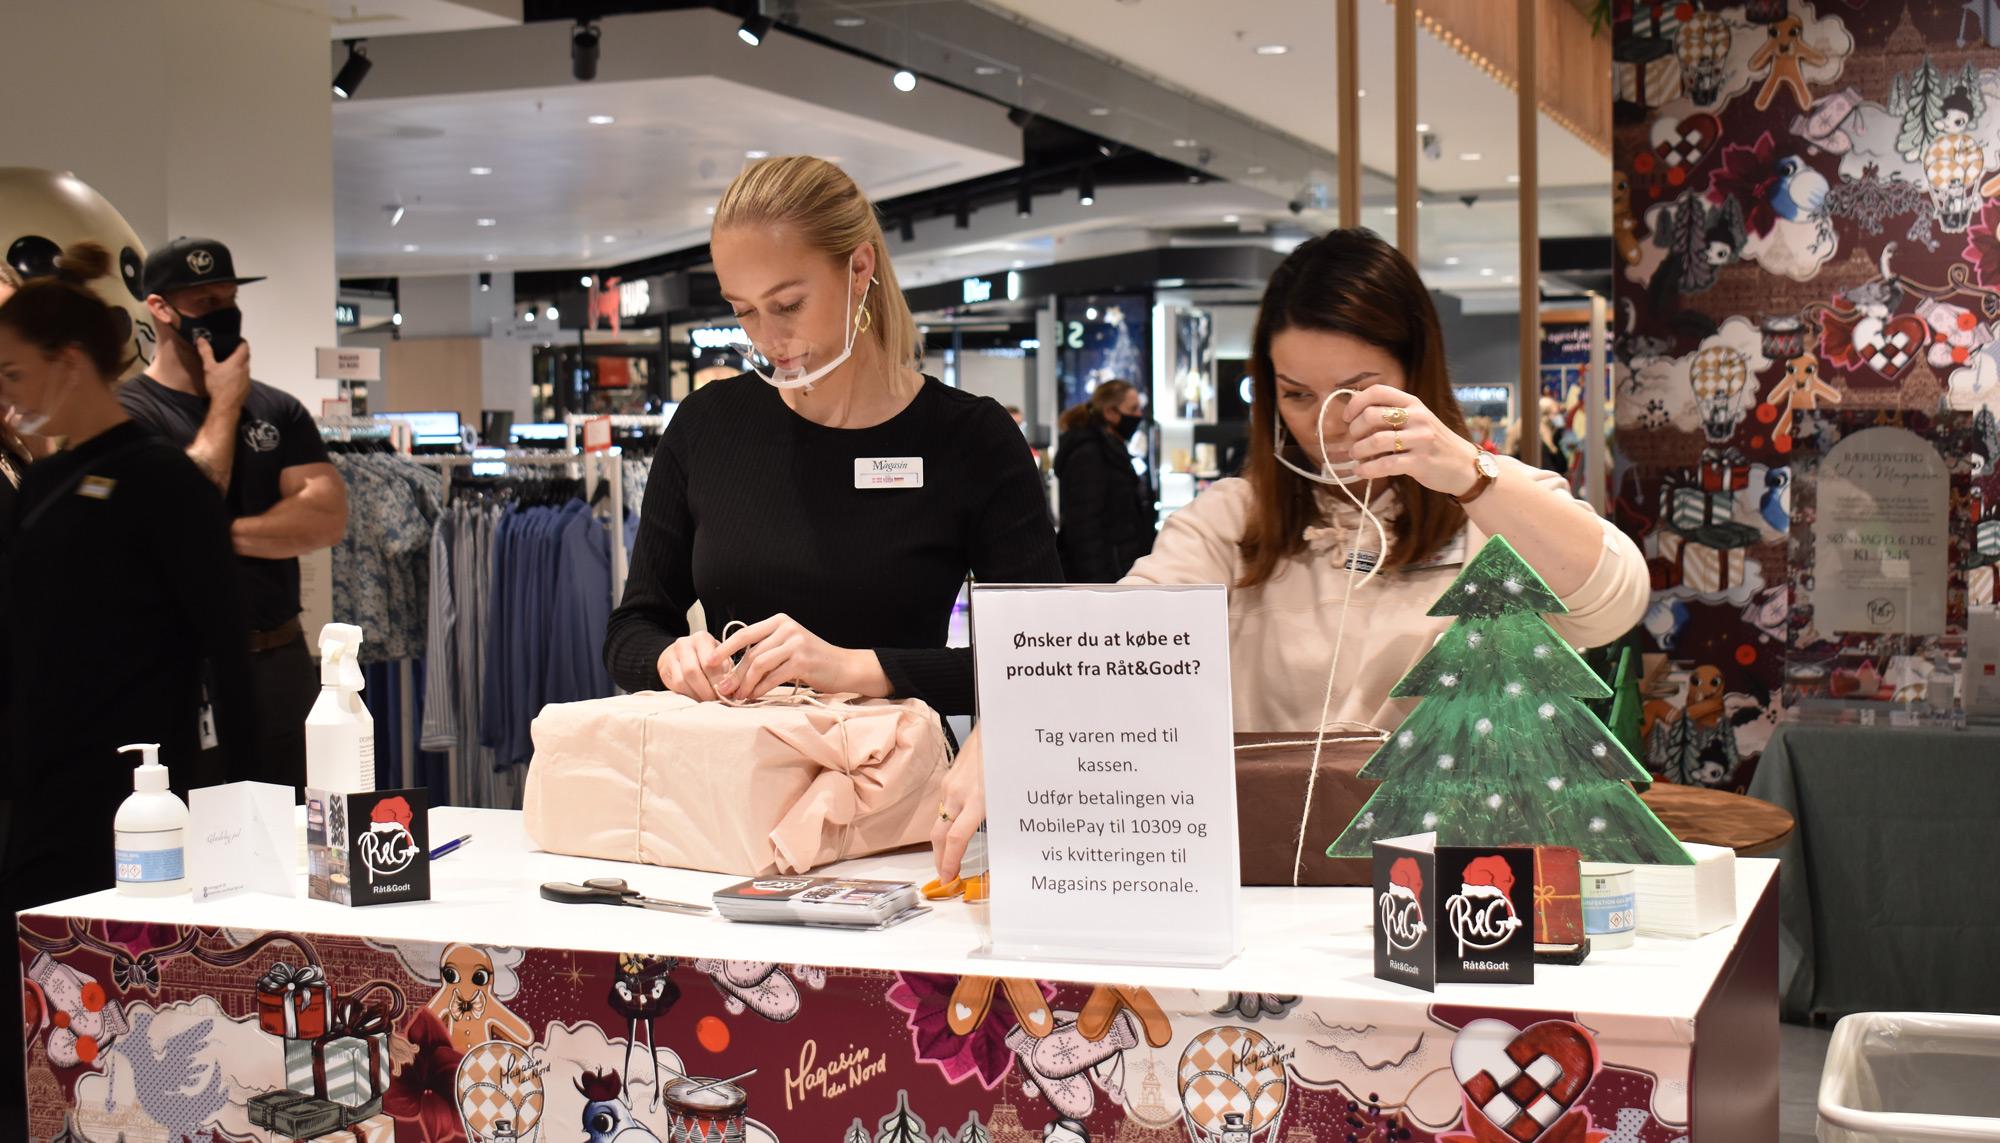 Støtter udsatte unge: Magasin indgår samarbejde med Råt&Godt i Aalborg